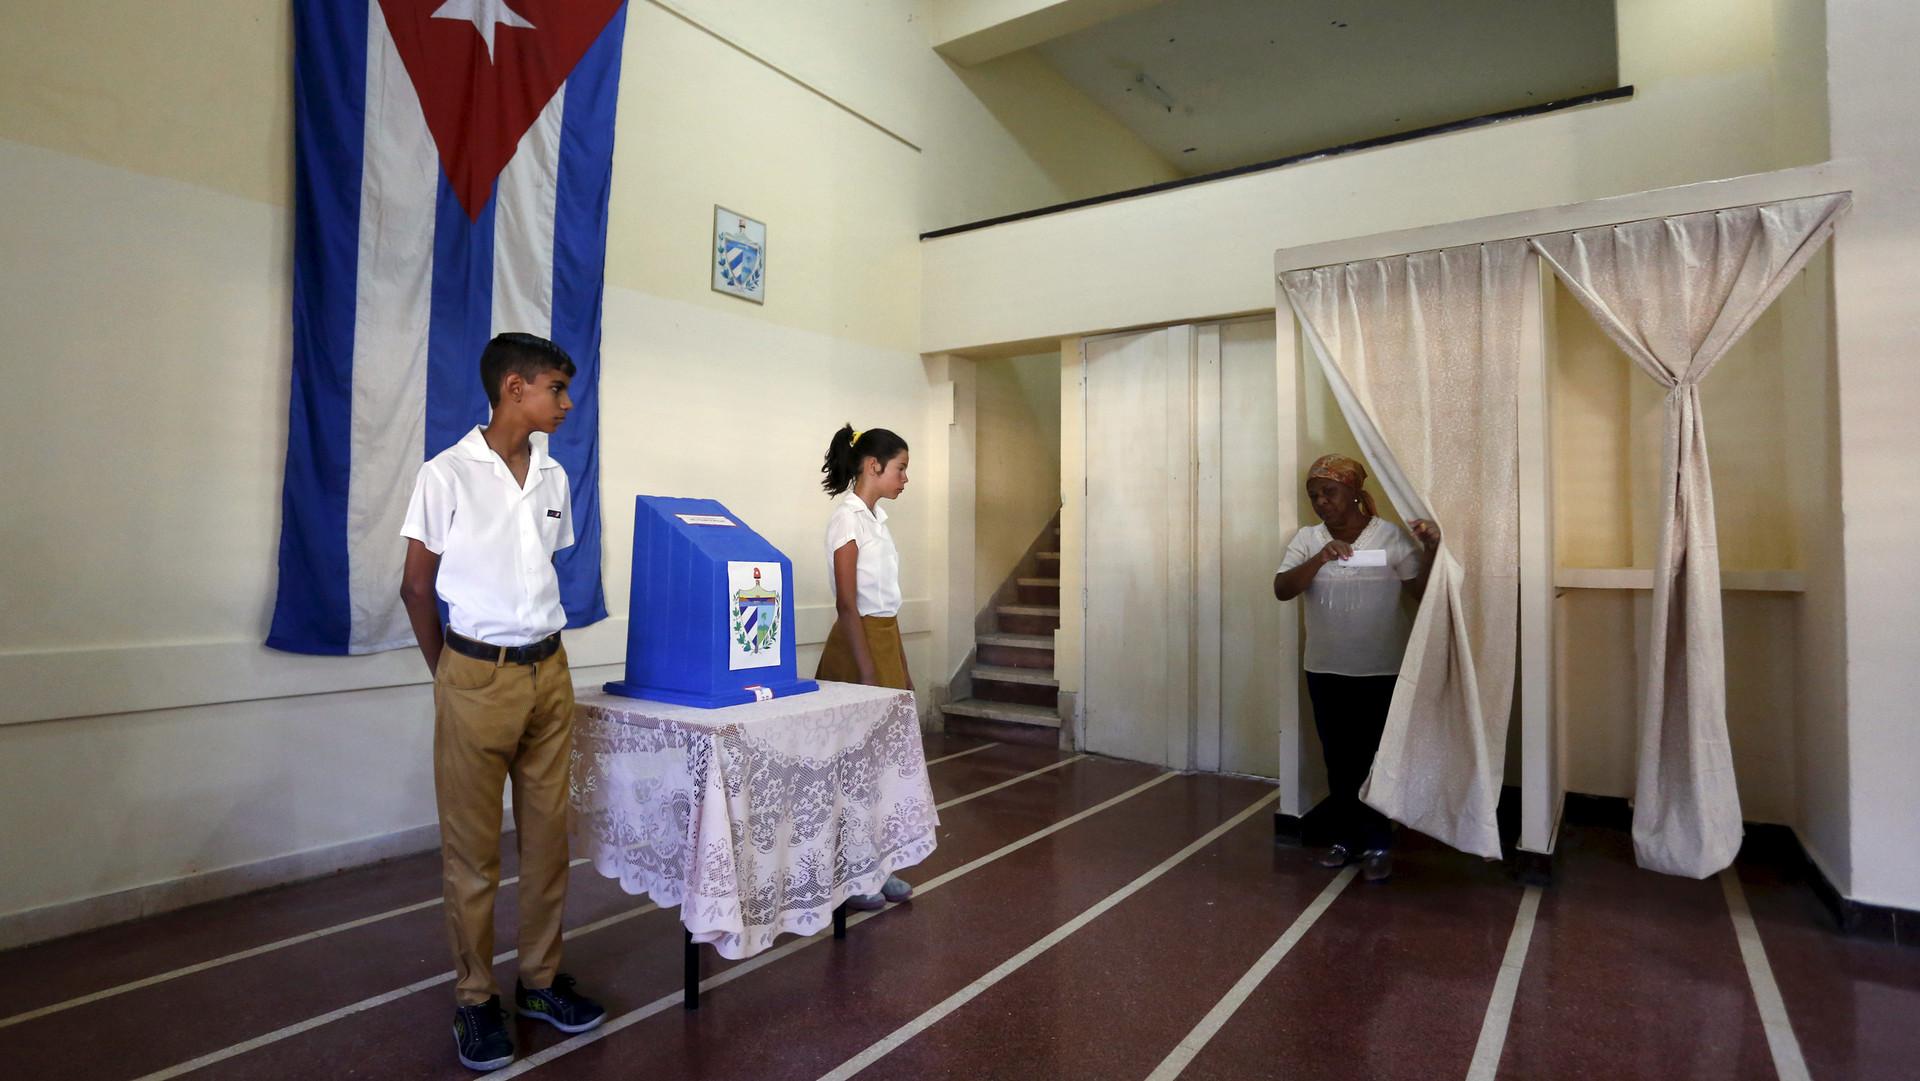 Elecciones en Cuba: 9 preguntas para entender cómo funciona el sistema político de la isla